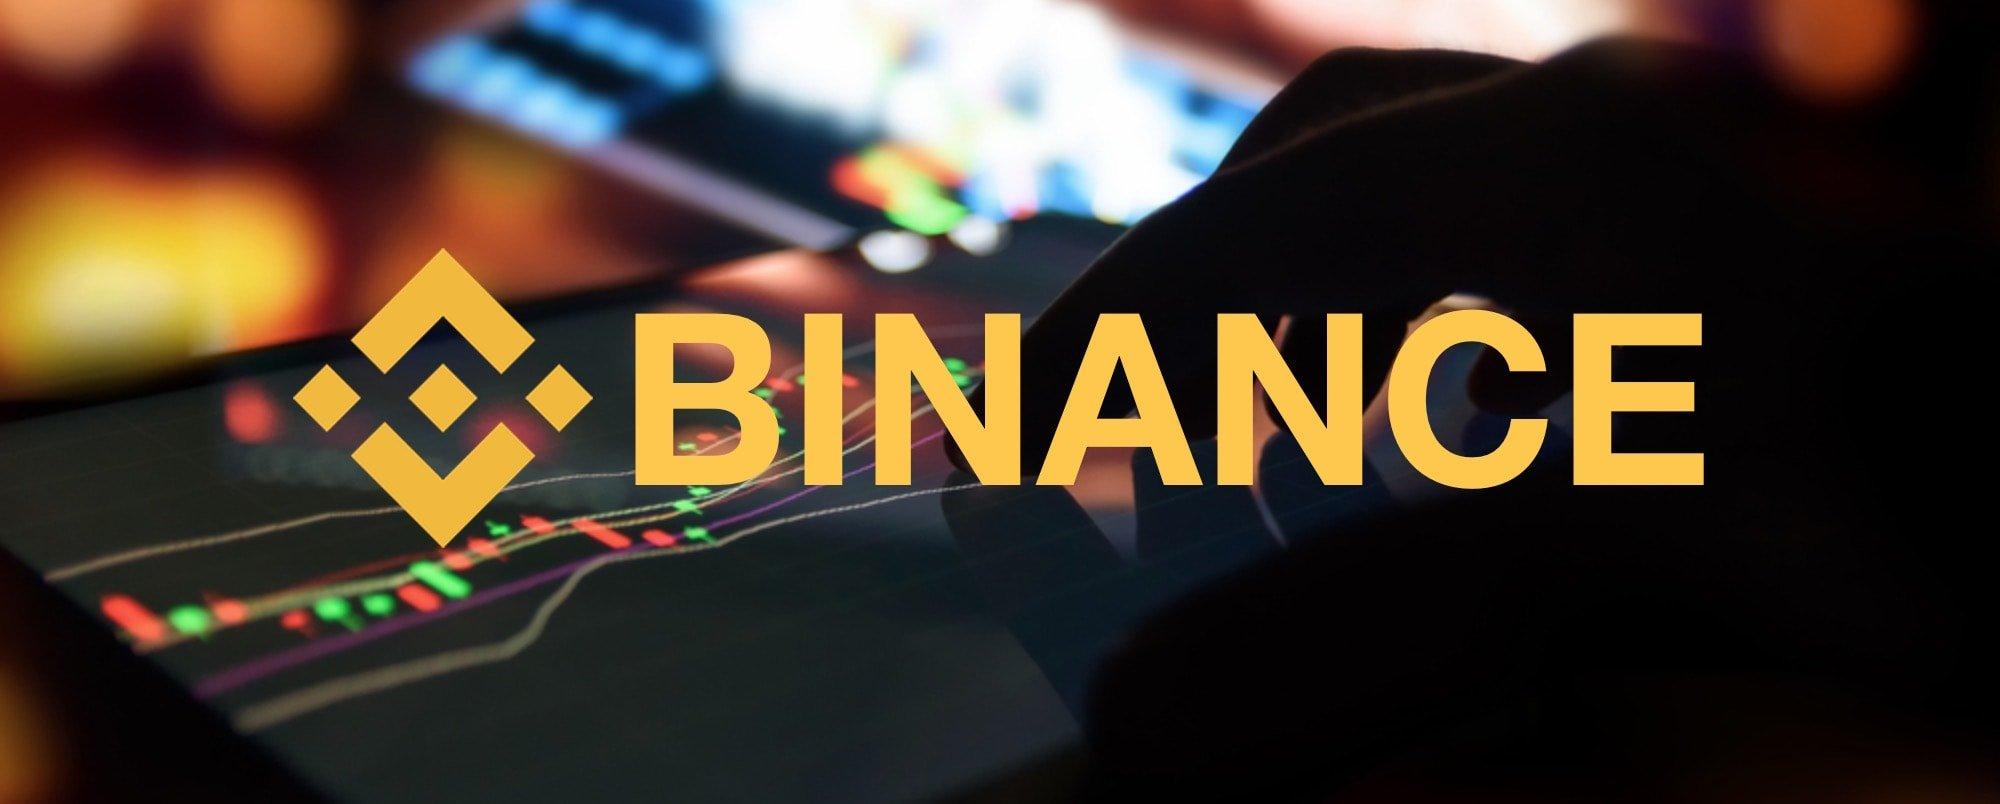 سحب الأموال من Binance بينانس - تجارتنا